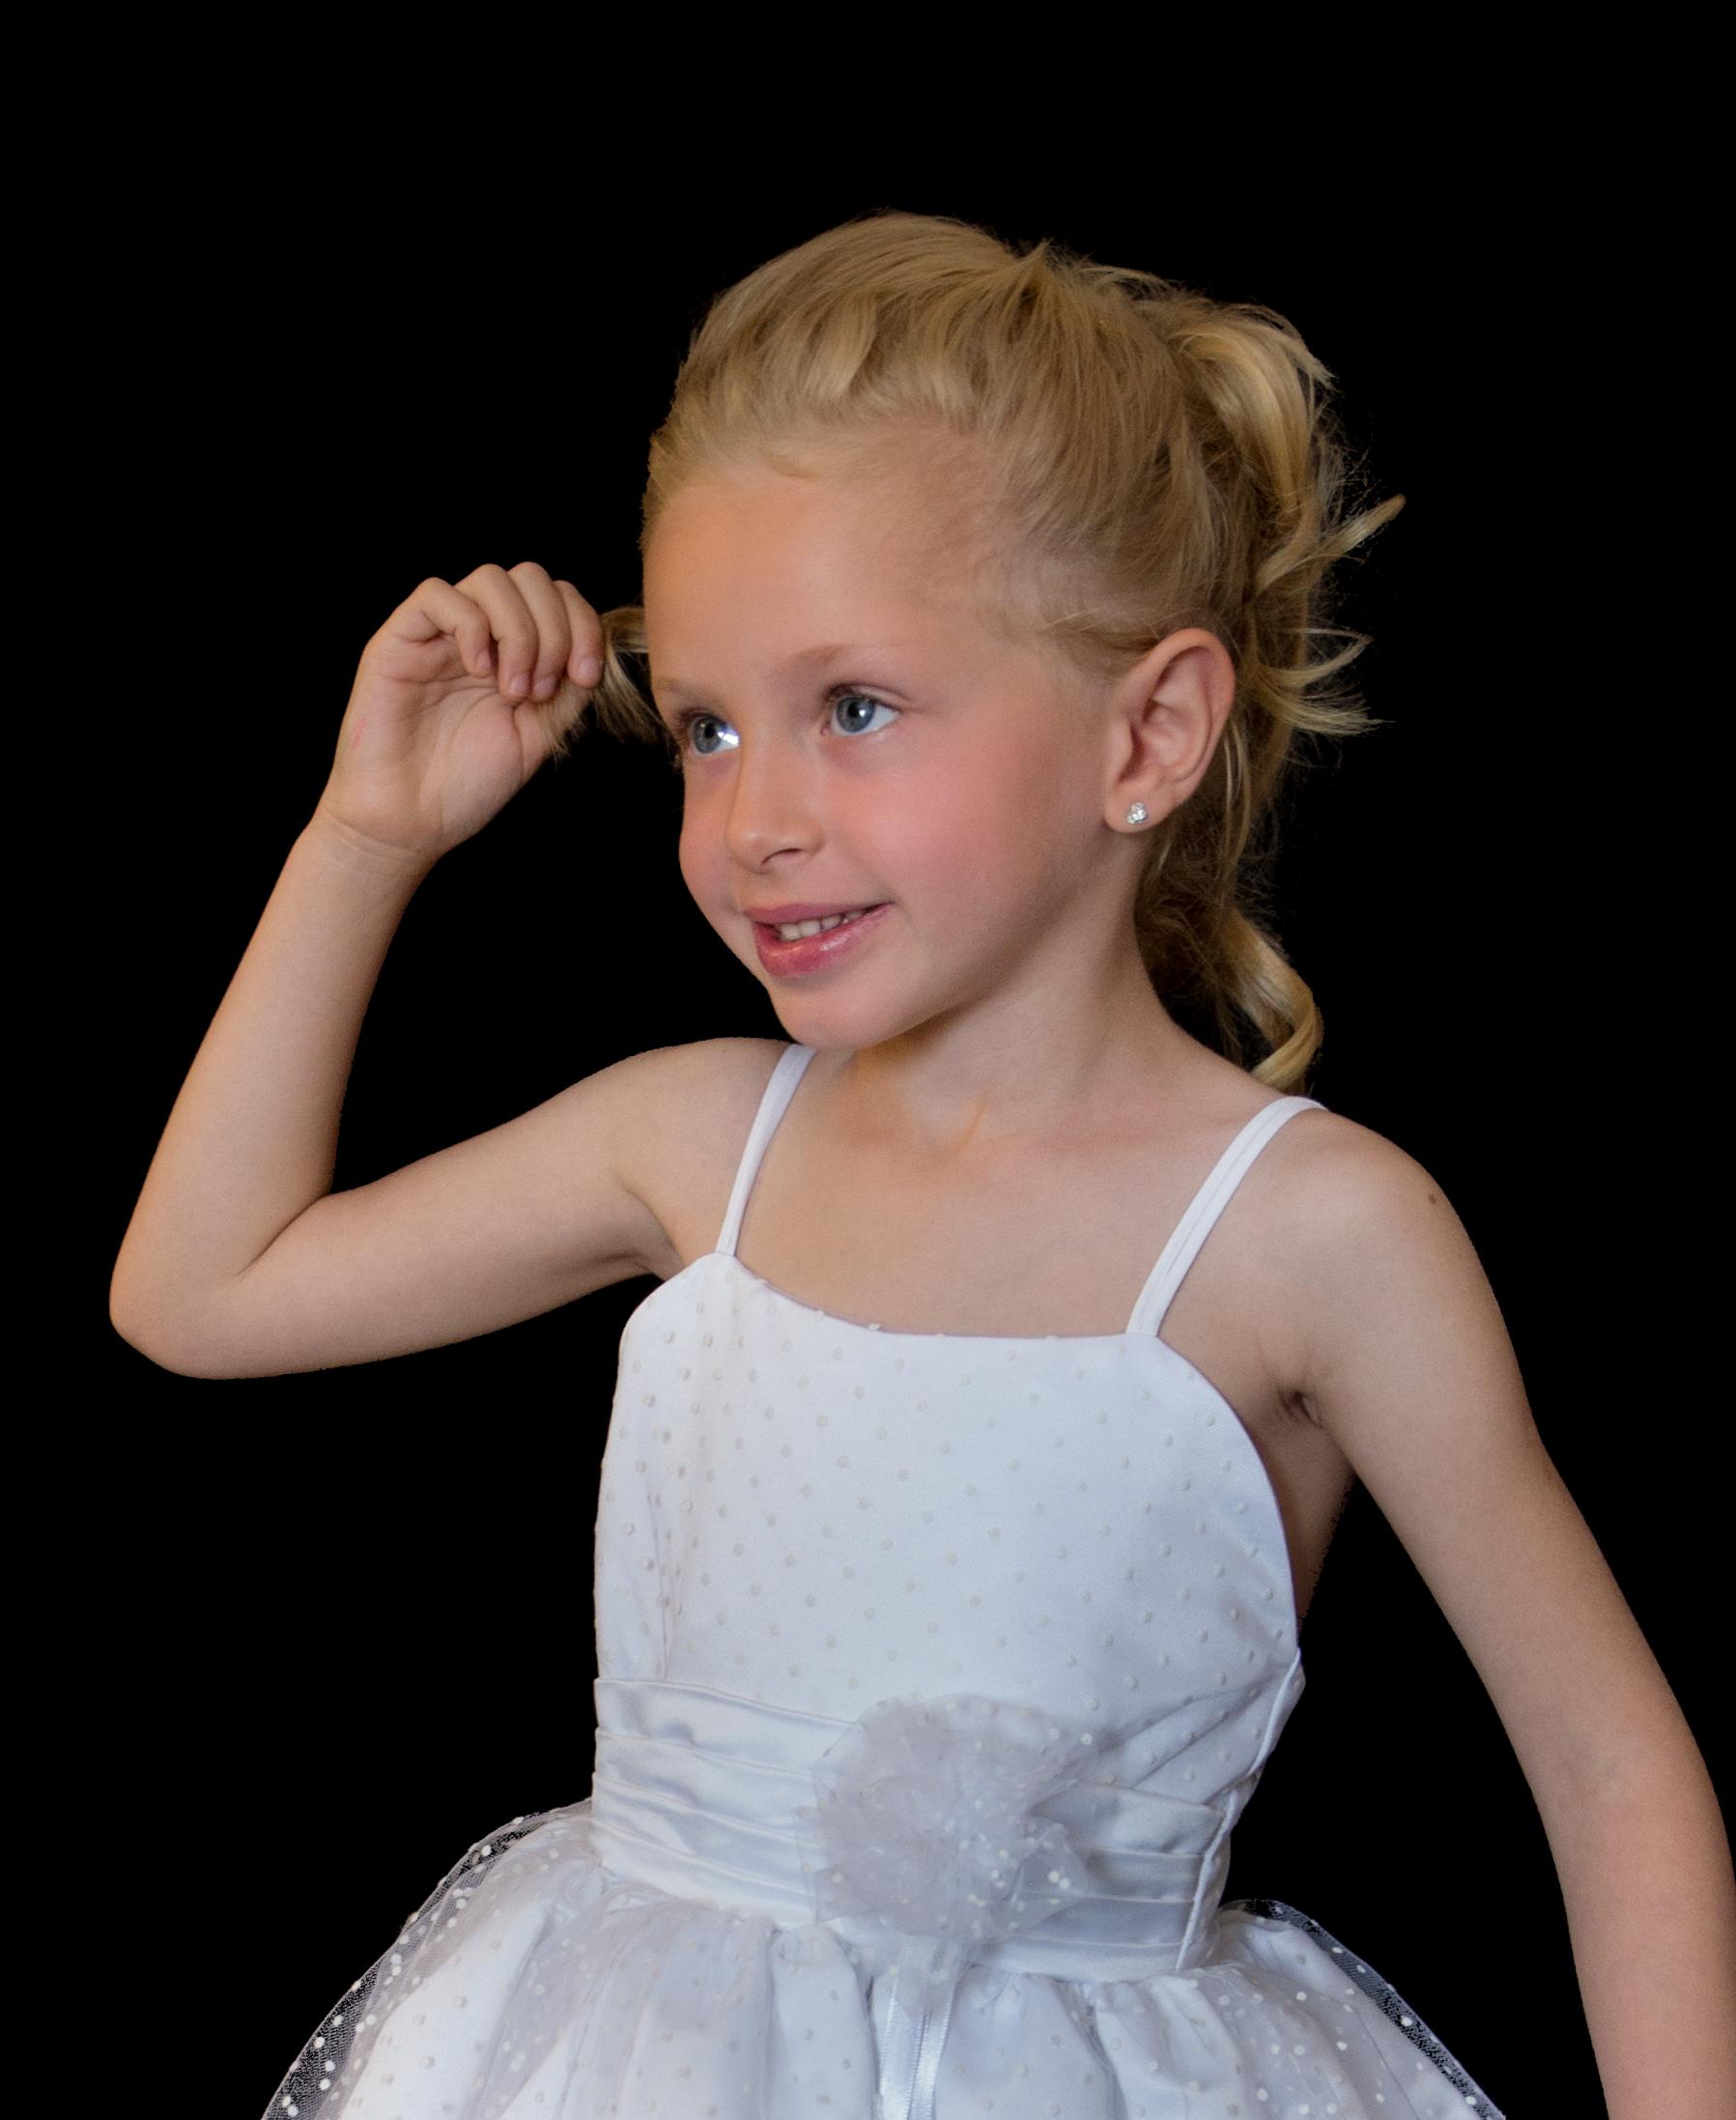 photographe enfant marignane